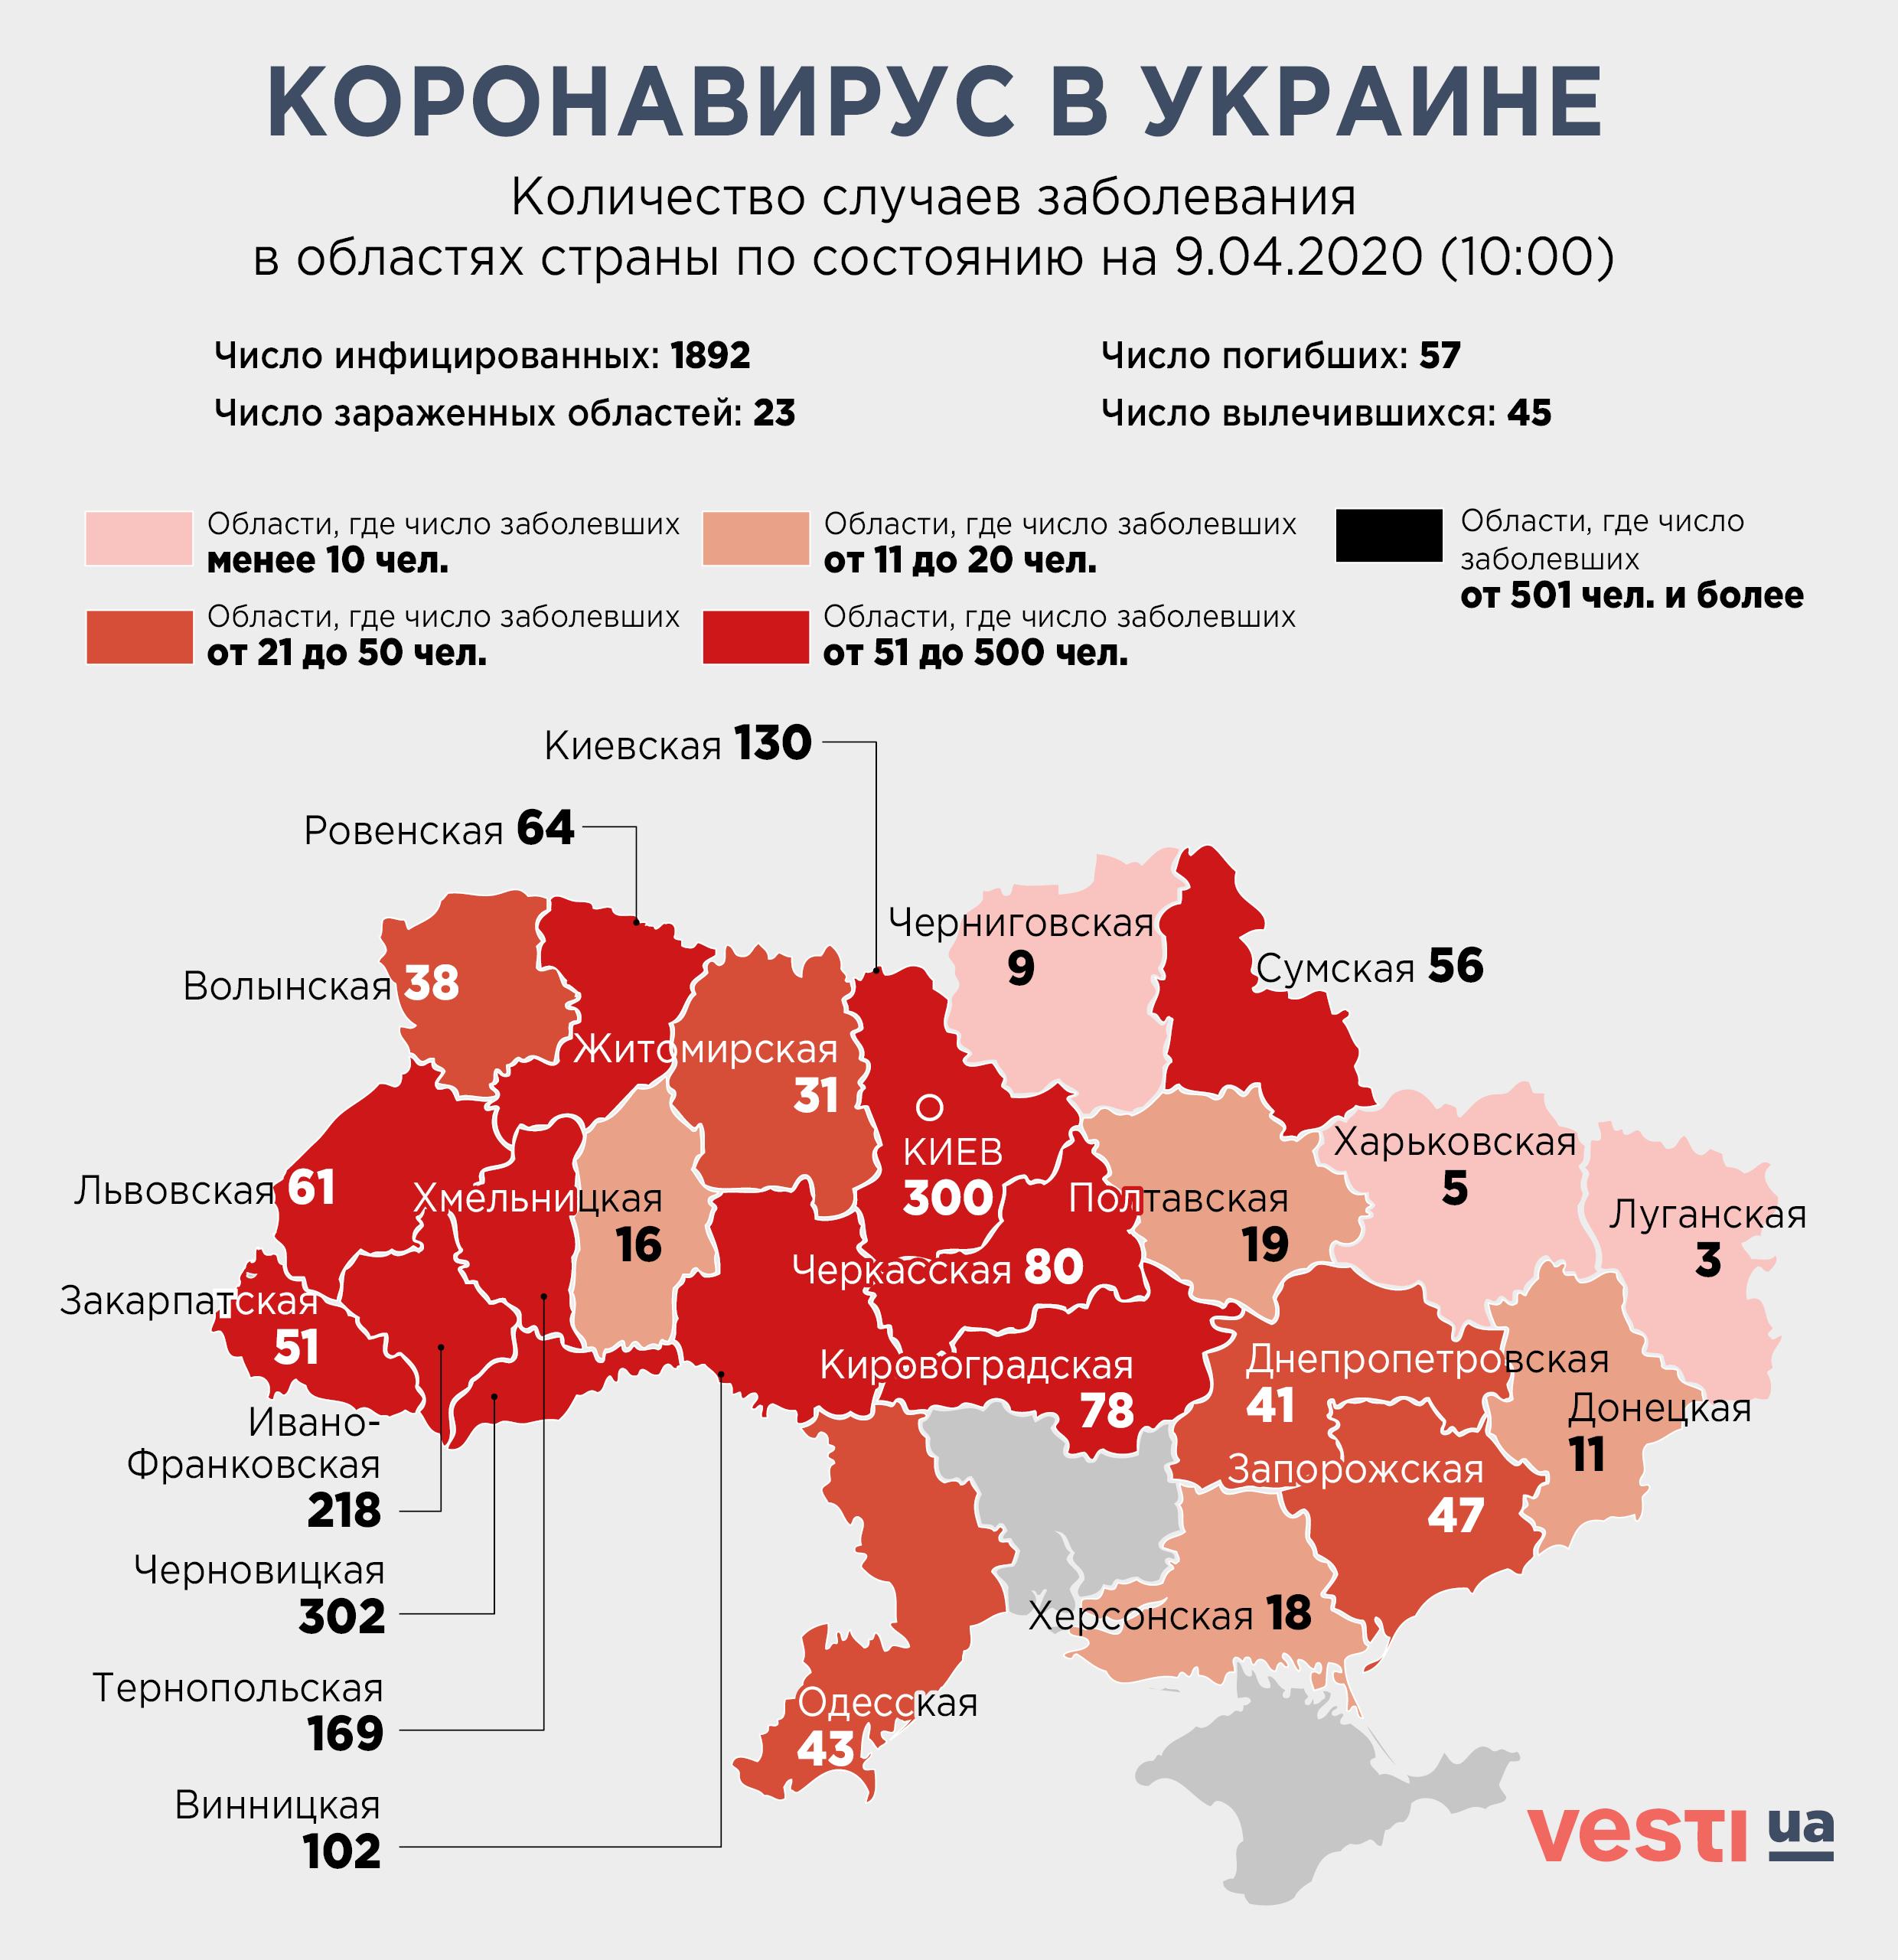 Протестировать всех украинцев на Covid-19 невозможно - Минздрав - фото 1